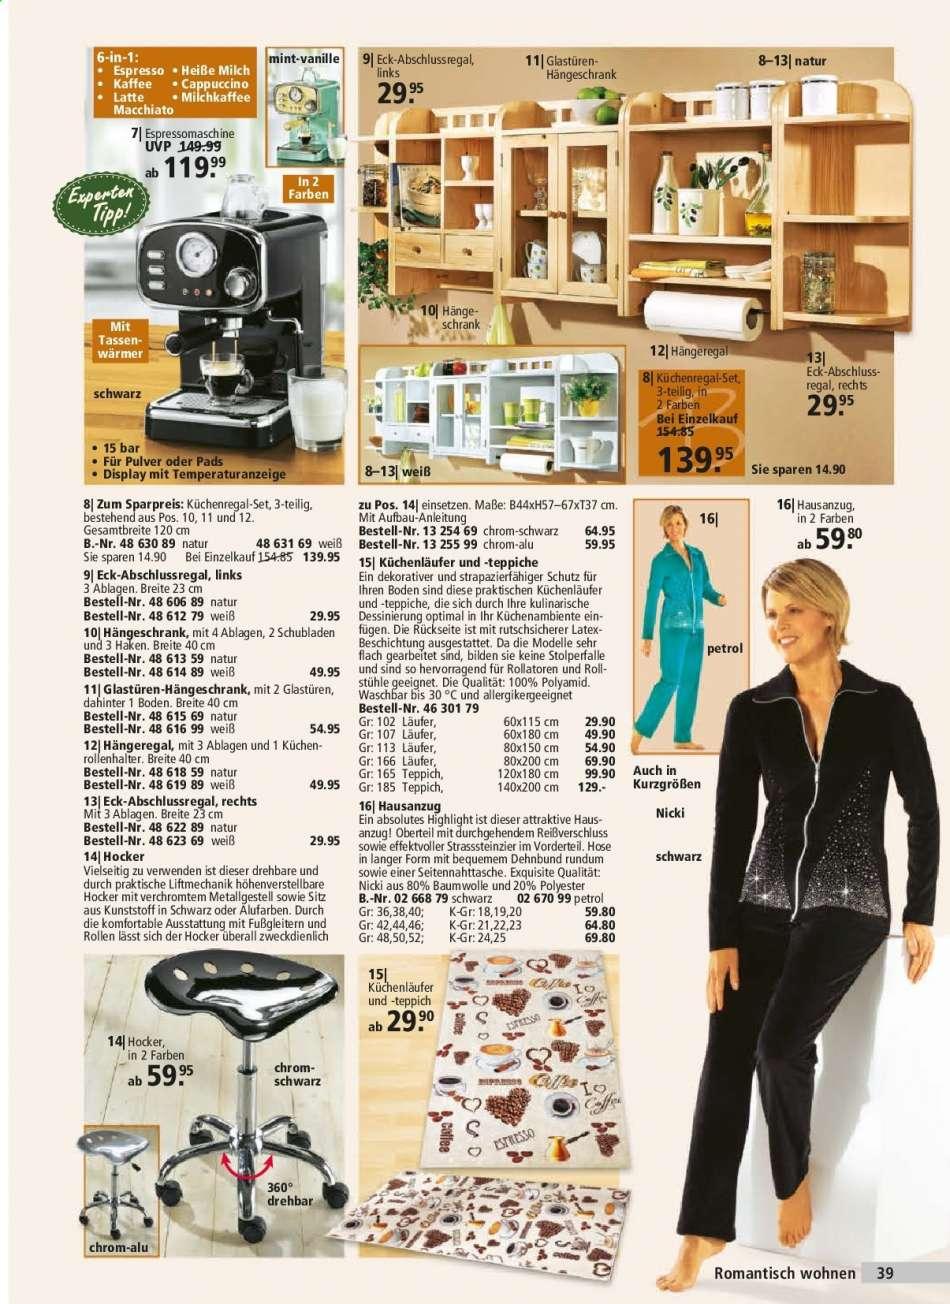 Full Size of Brigitte Hachenburg Aktuelle Prospekte Rabatt Kompass Relaxsessel Garten Aldi Wohnzimmer Küchenläufer Aldi